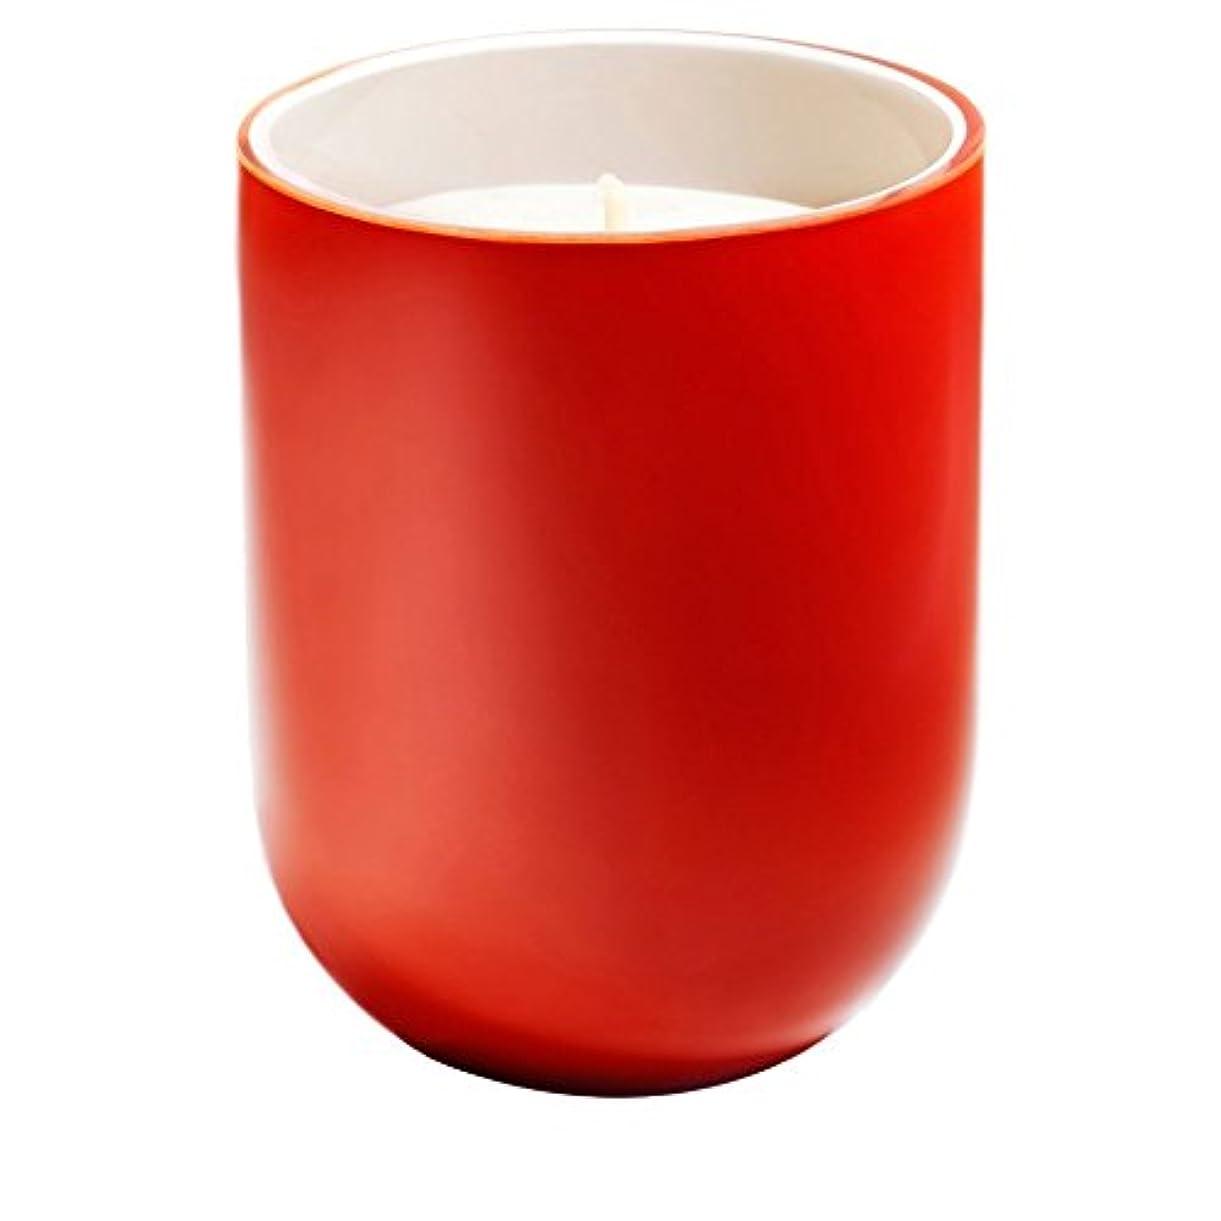 フィルタトムオードリース里親Frederic Malle Russian Night Scented Candle (Pack of 4) - フレデリック?マルロシアの夜香りのキャンドル x4 [並行輸入品]